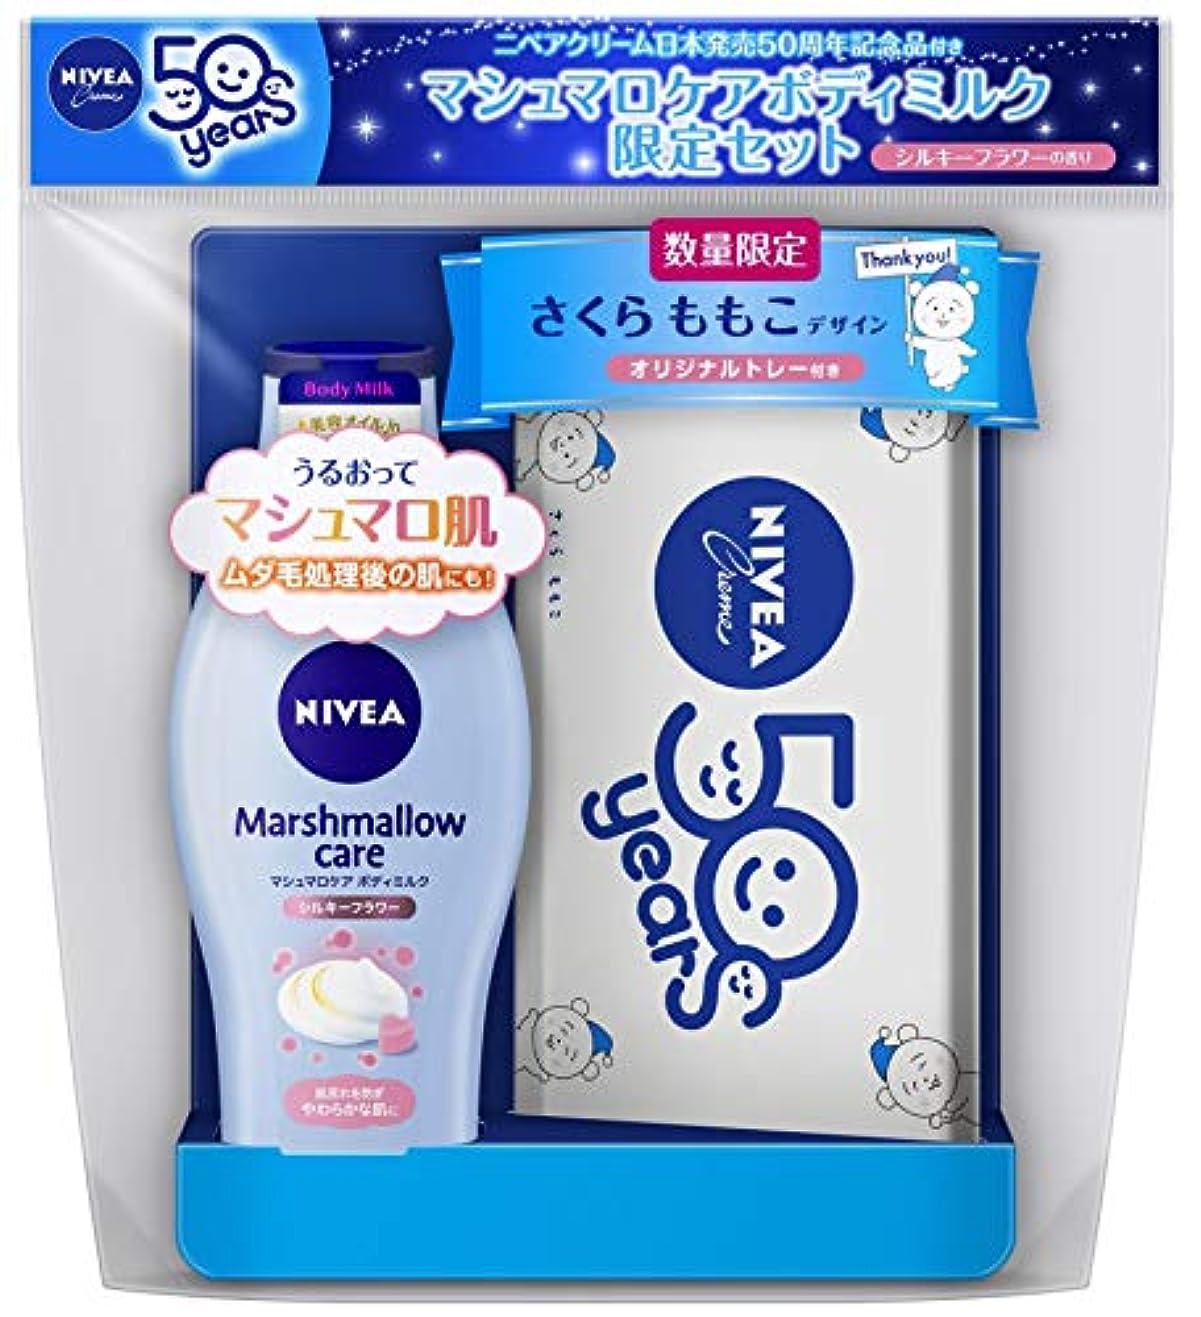 チョップ結果売上高【数量限定】ニベア マシュマロケアボディミルク シルキーフラワーの香り+さくらももこデザインオリジナルトレー付き